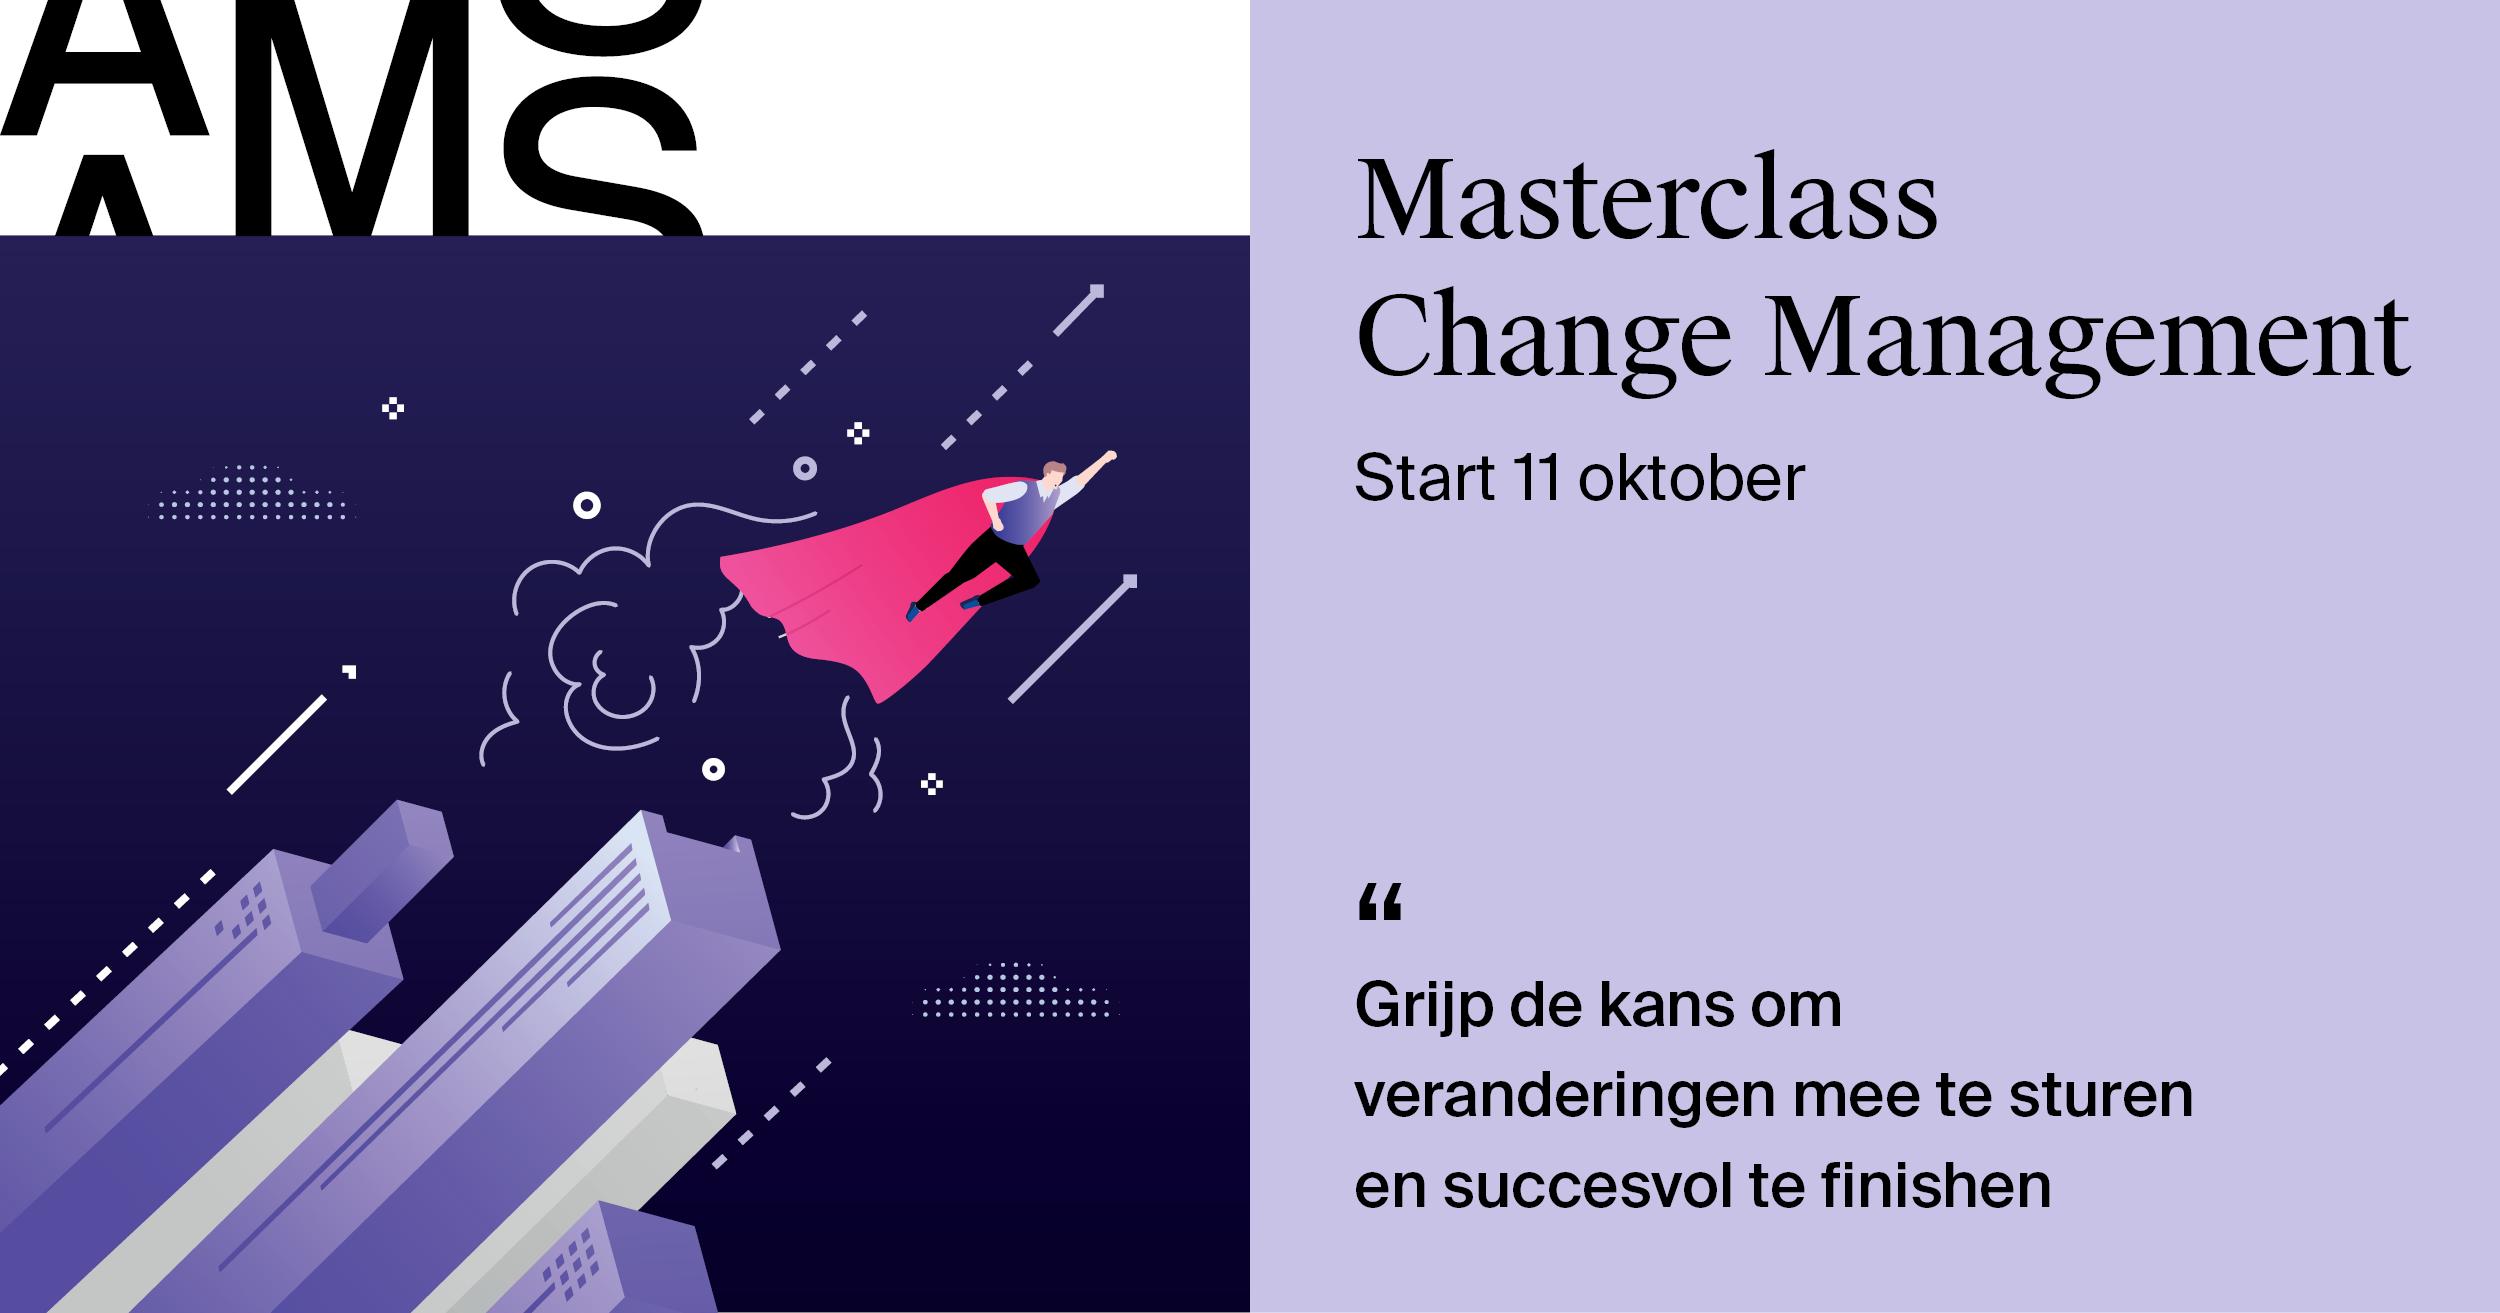 AMS_Change_management_najaar17